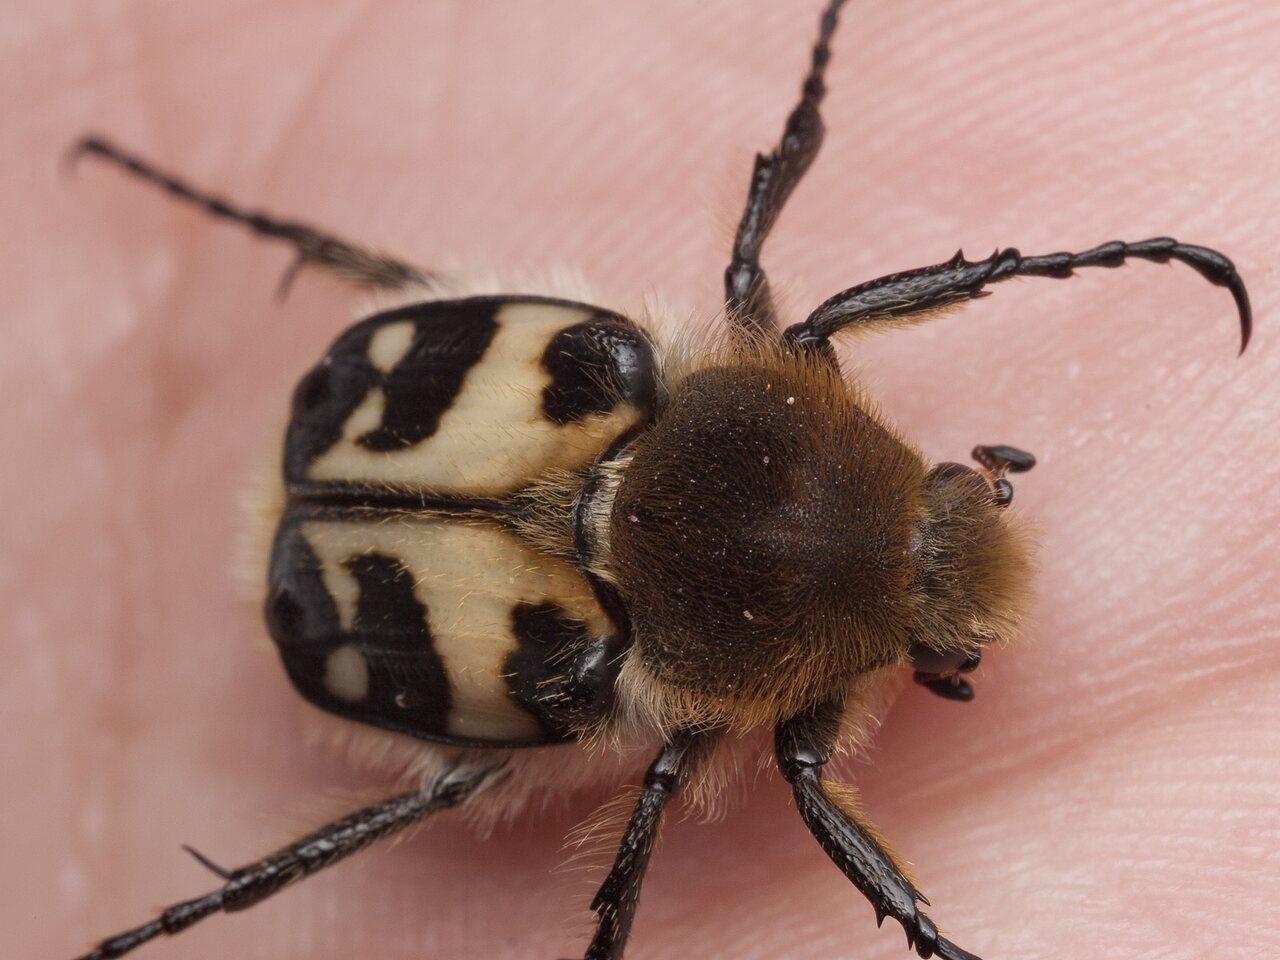 Trichius-fasciatus-1283.jpg